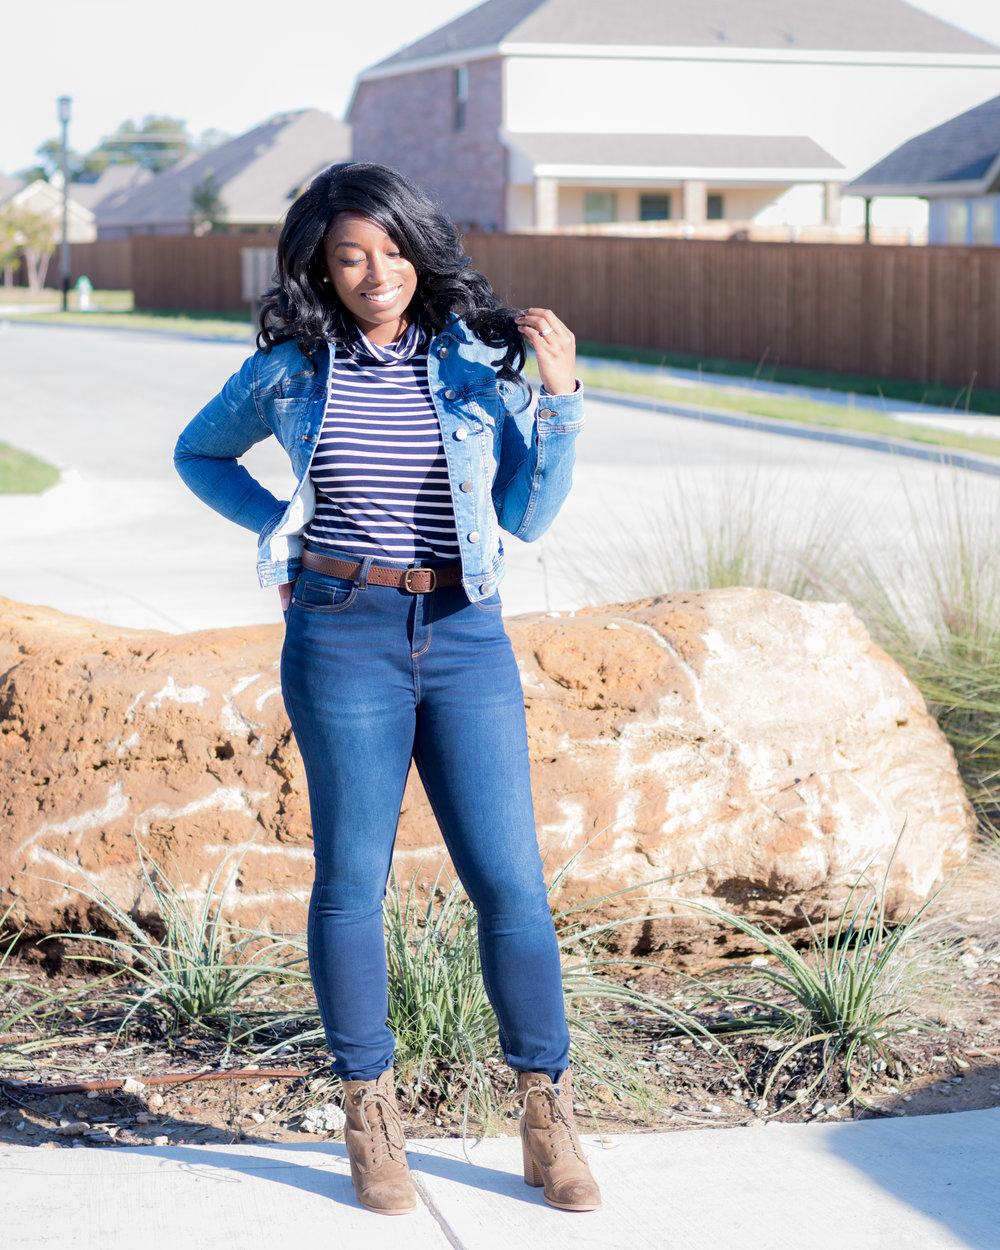 clothing-kroger-dip-jeans-affordable